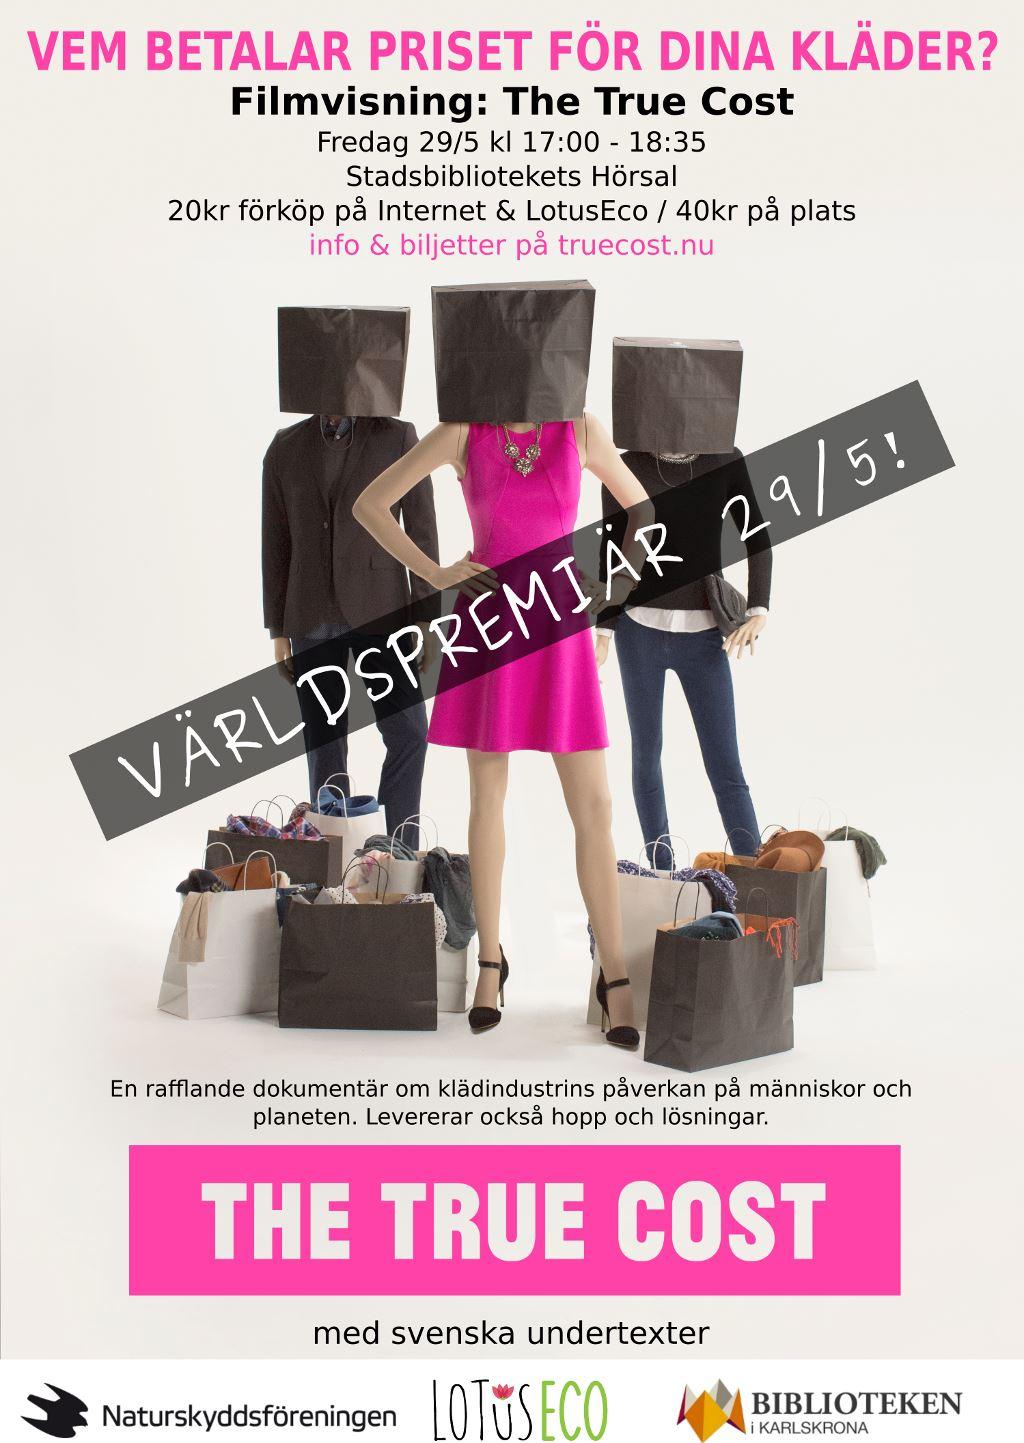 Filmvisning av dokumentären - The True Cost